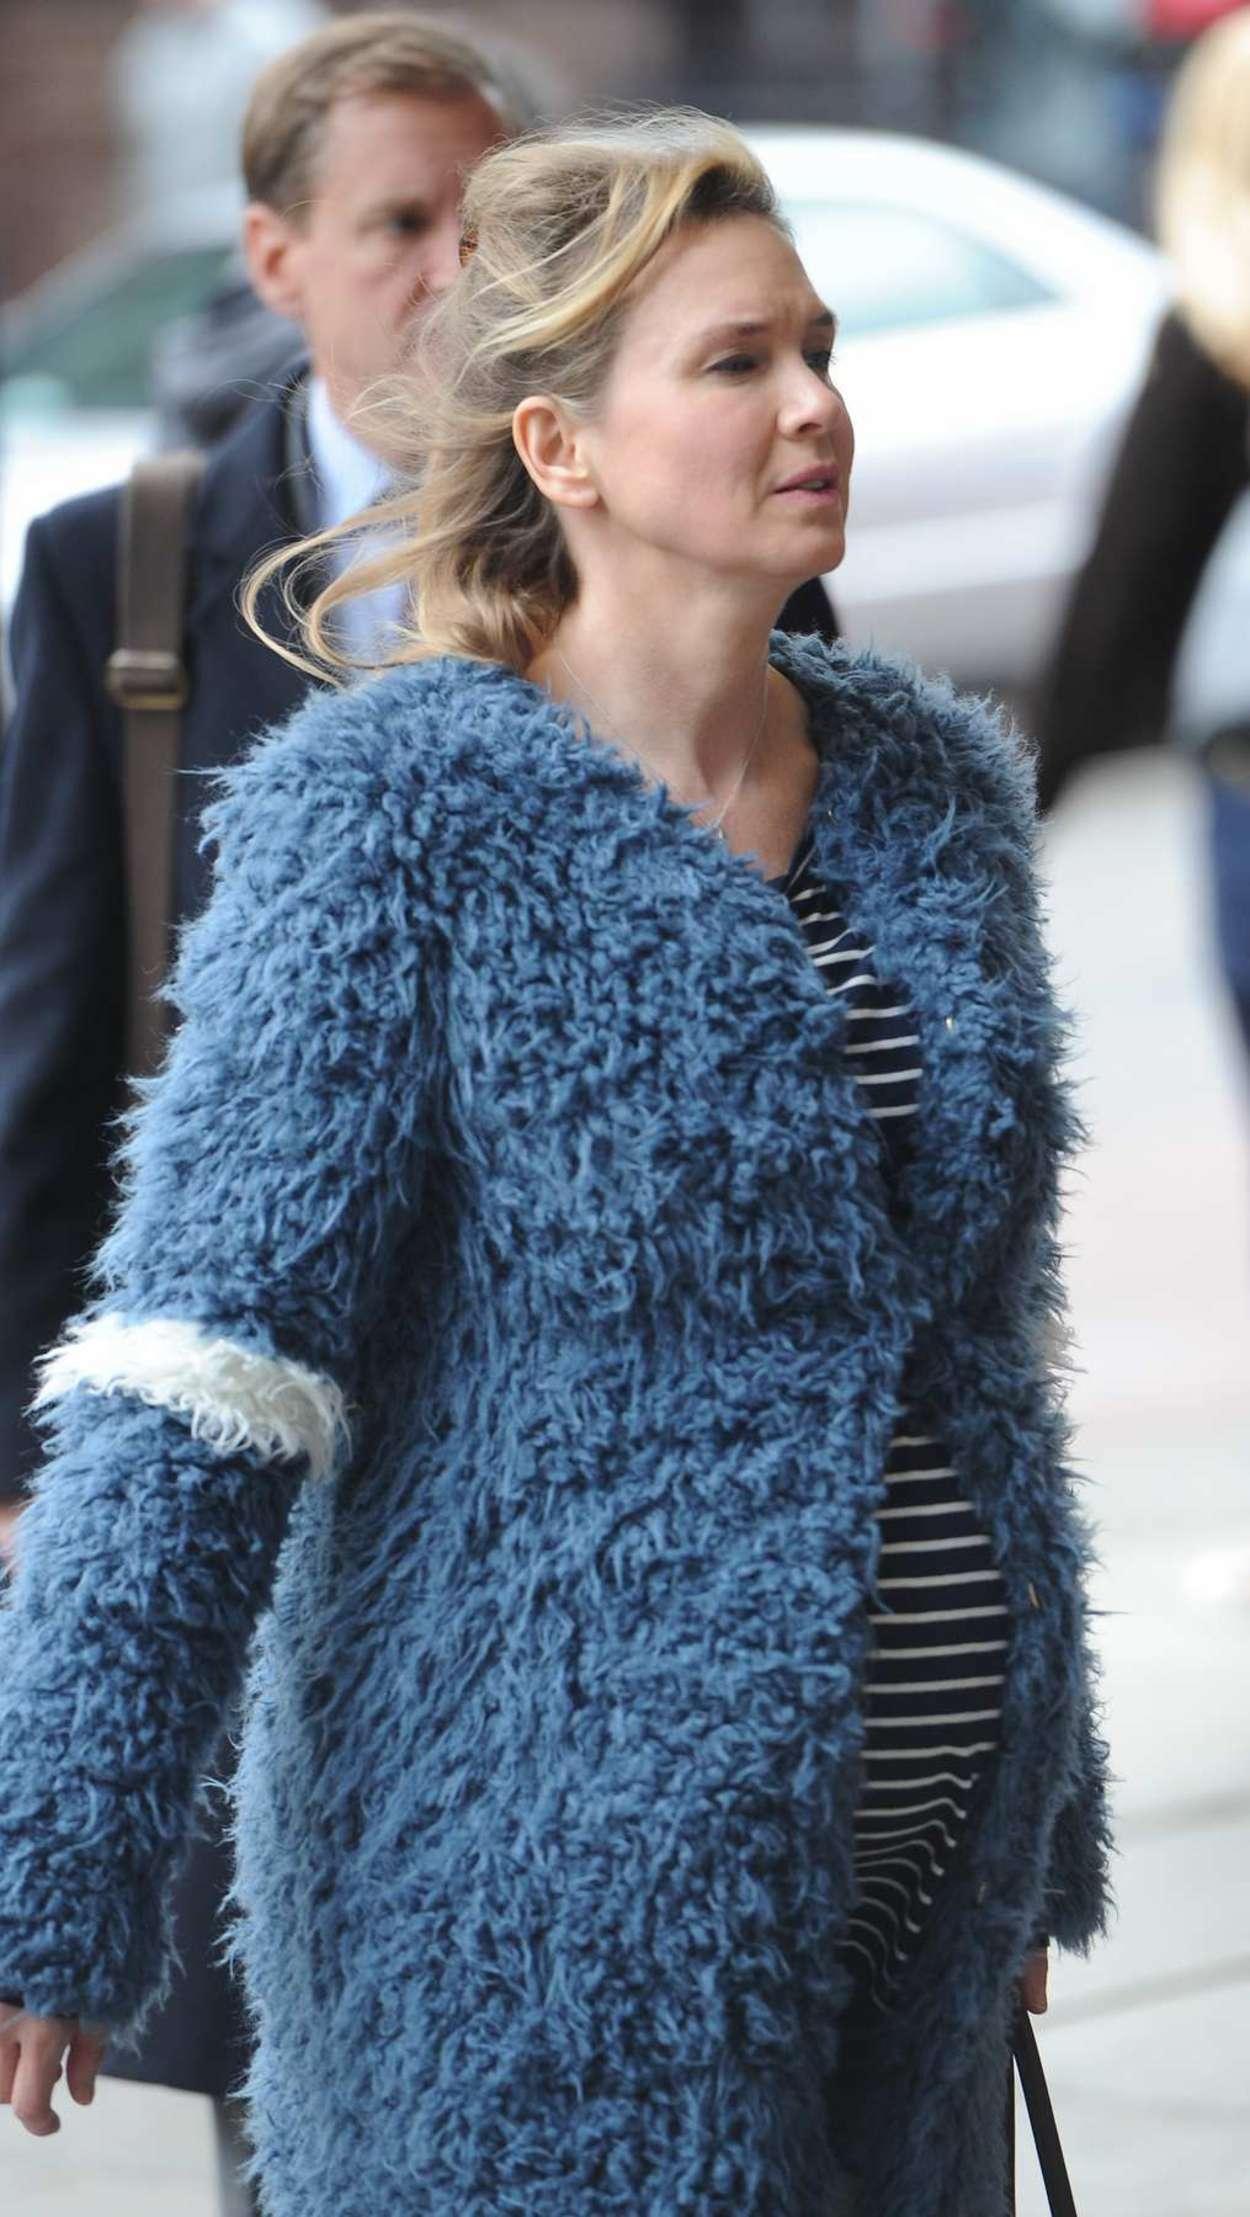 Renee Zellweger Filming New Bridget Jones Movie in London